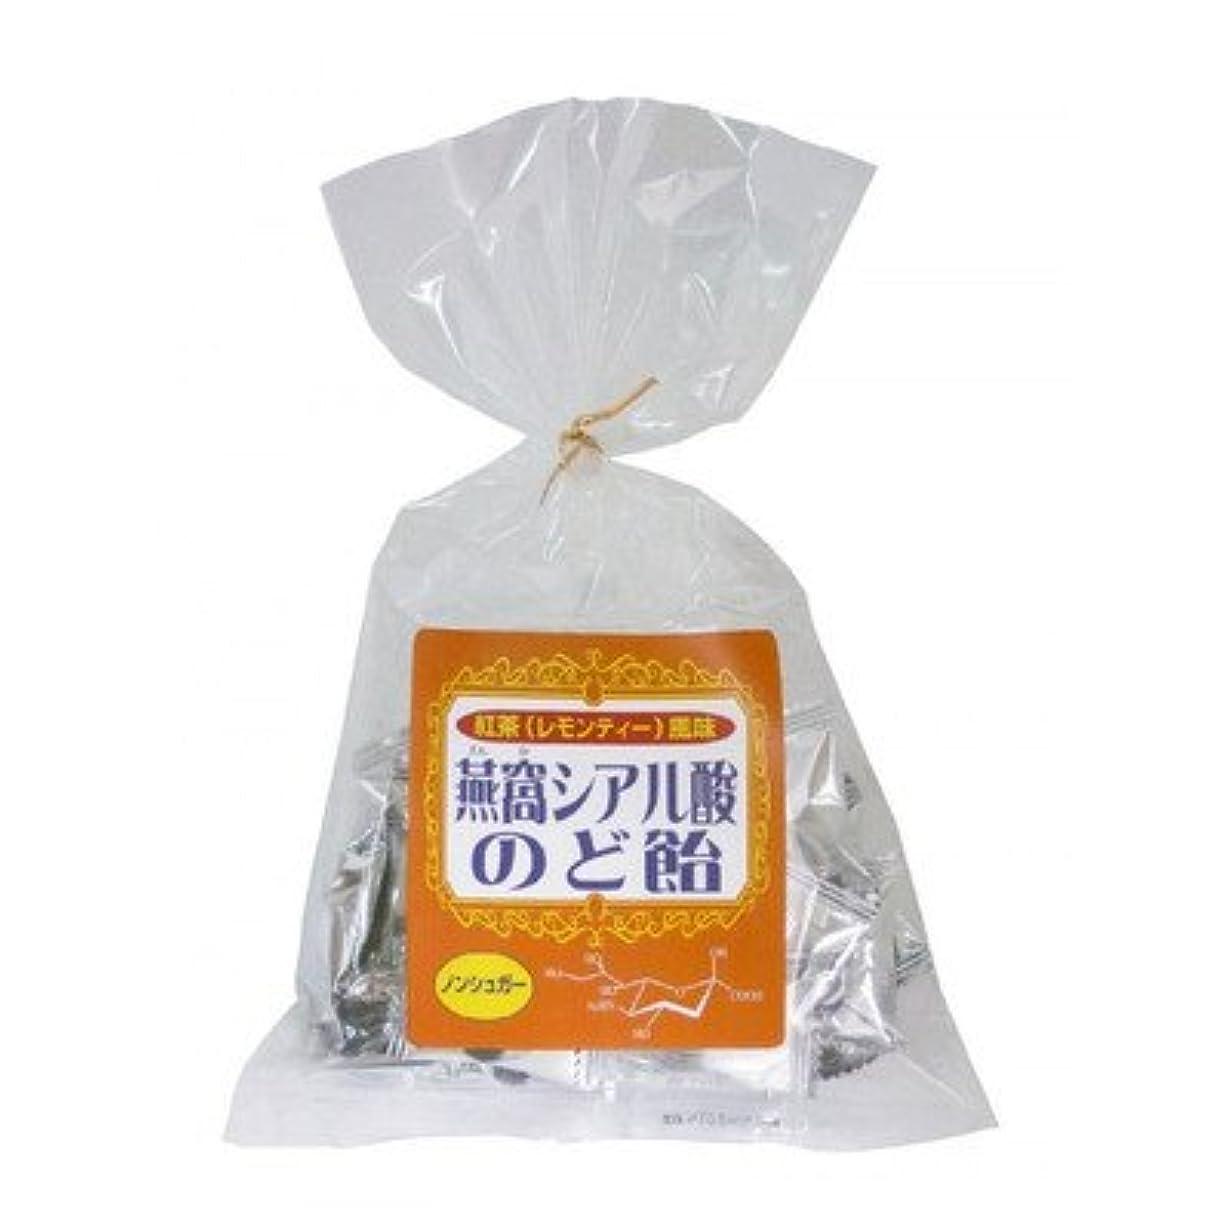 劣るフィラデルフィア競争燕窩シアル酸のど飴ノンシュガー 紅茶(レモンティー)風味 87g×3袋